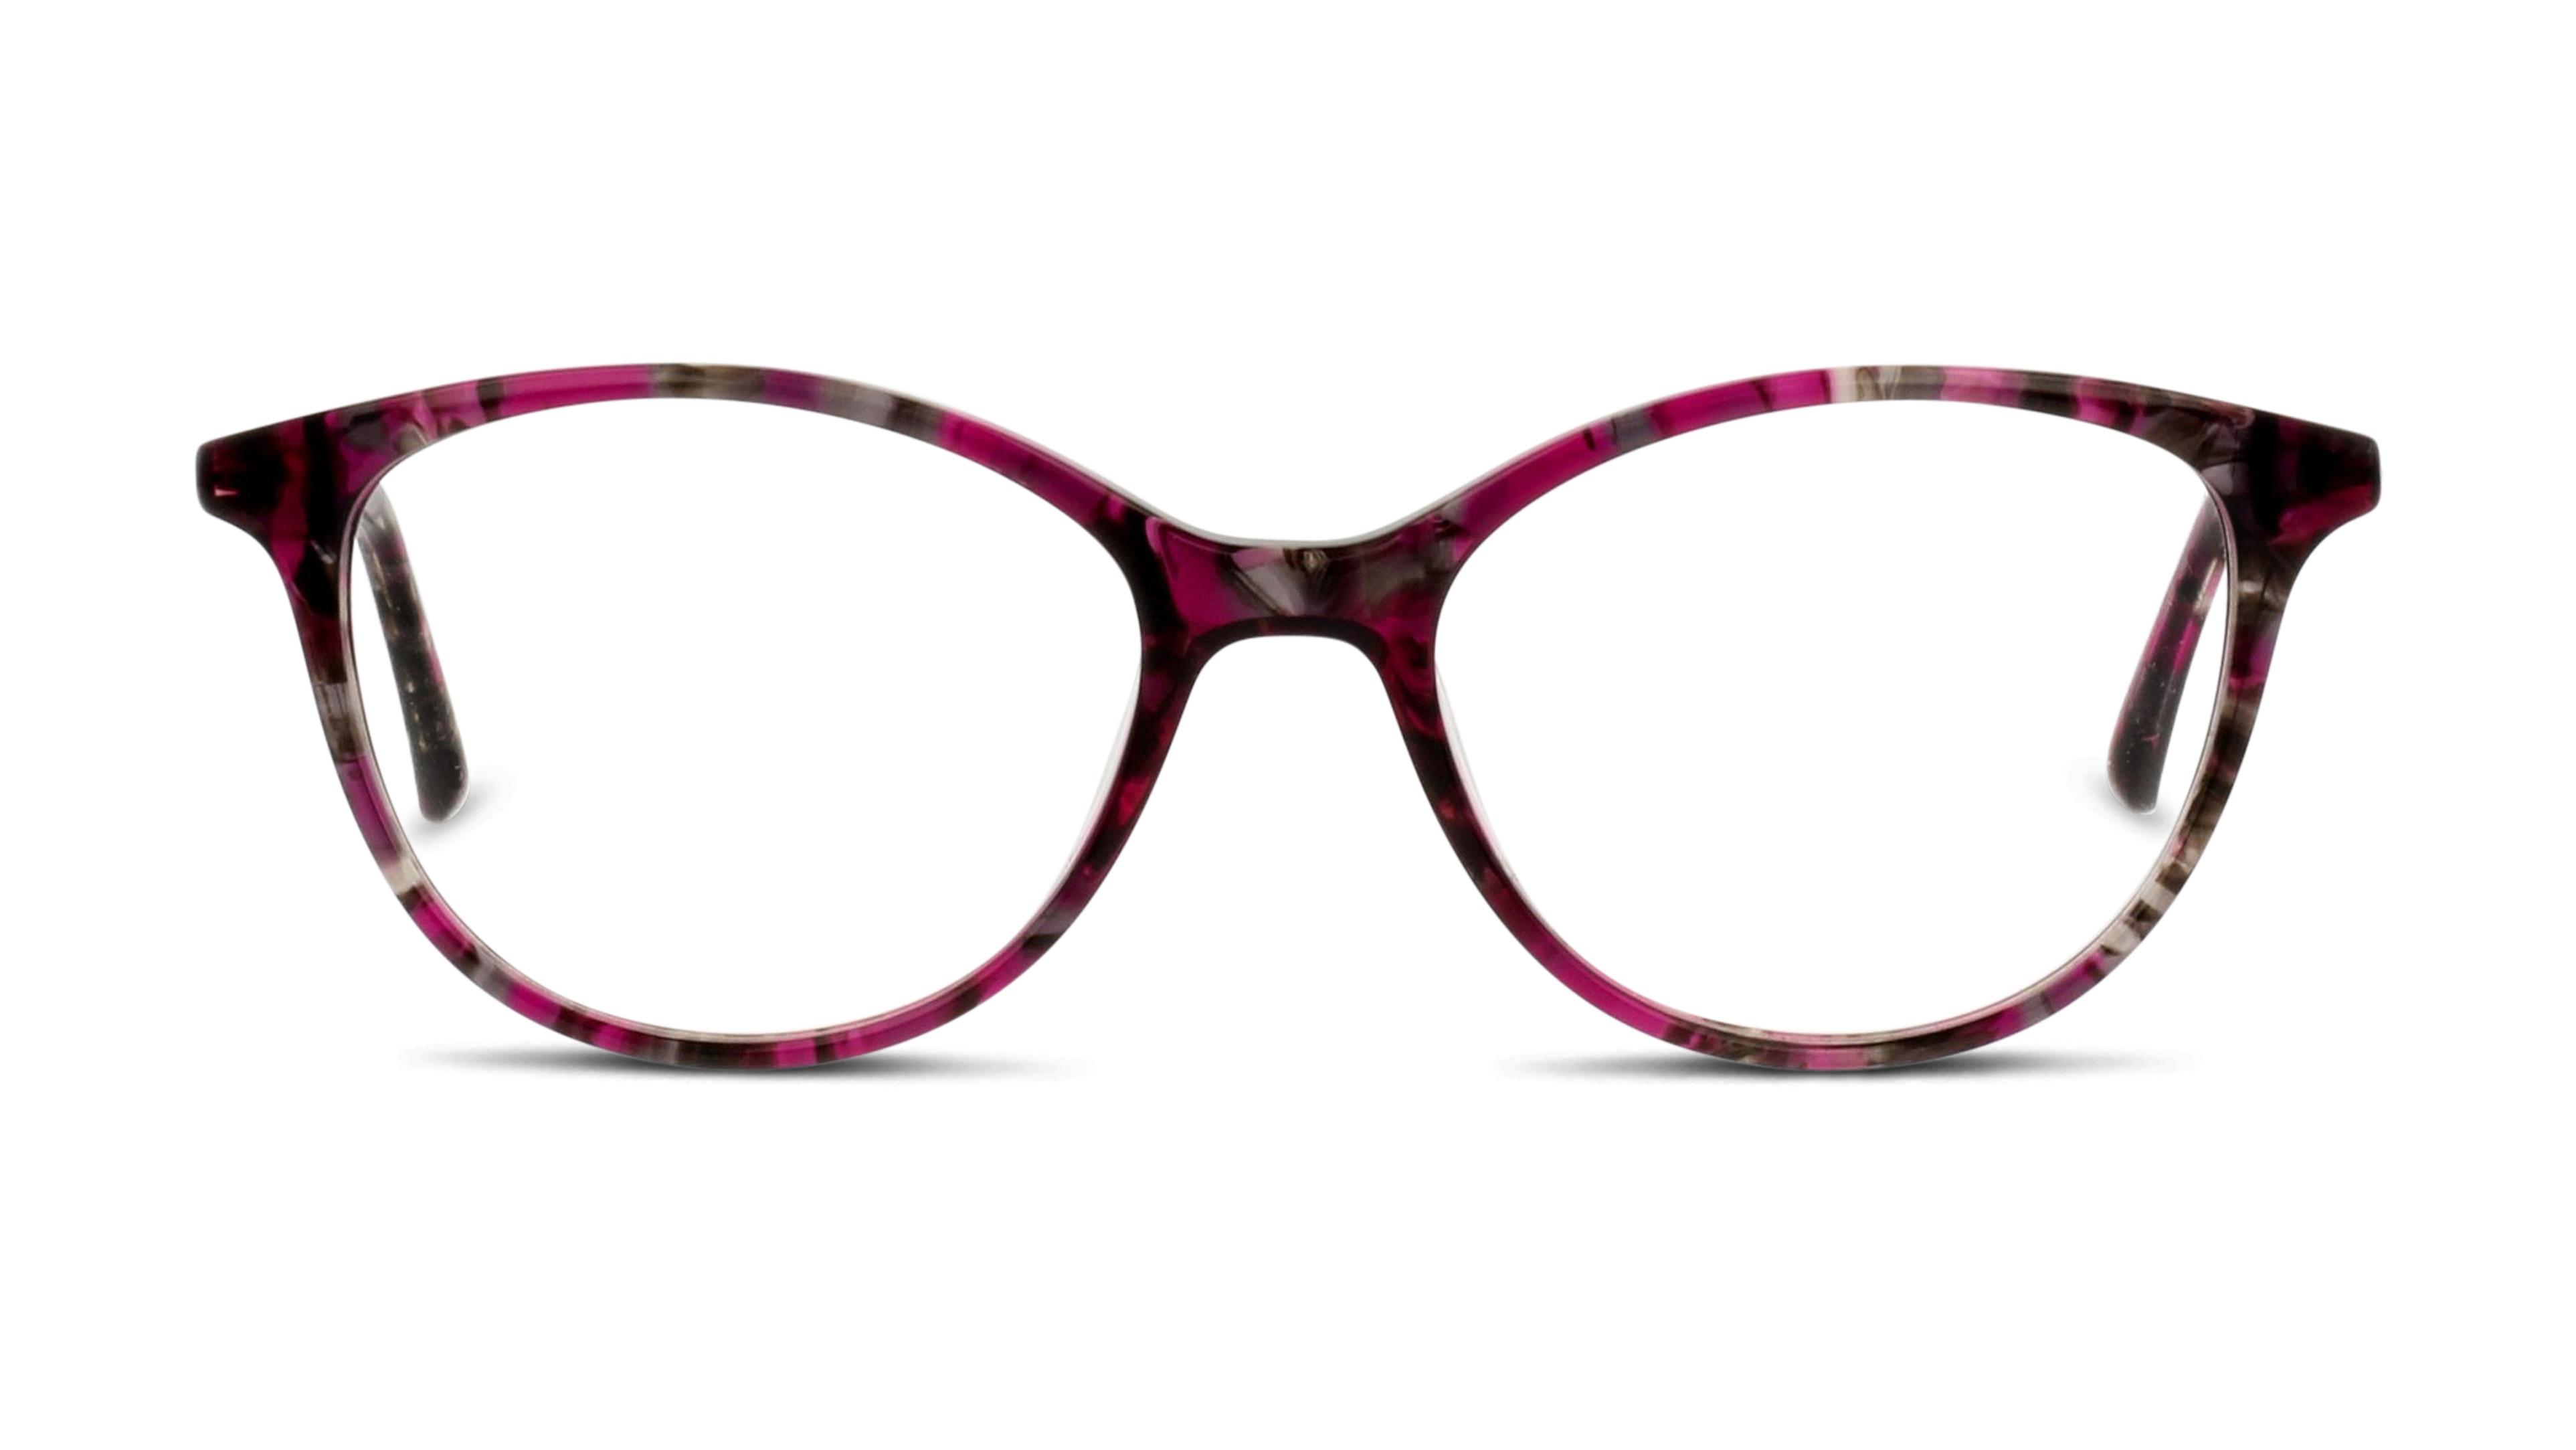 8719154624872-front-01-swarovskisensaya-sybf32-adhafera-grey-pink